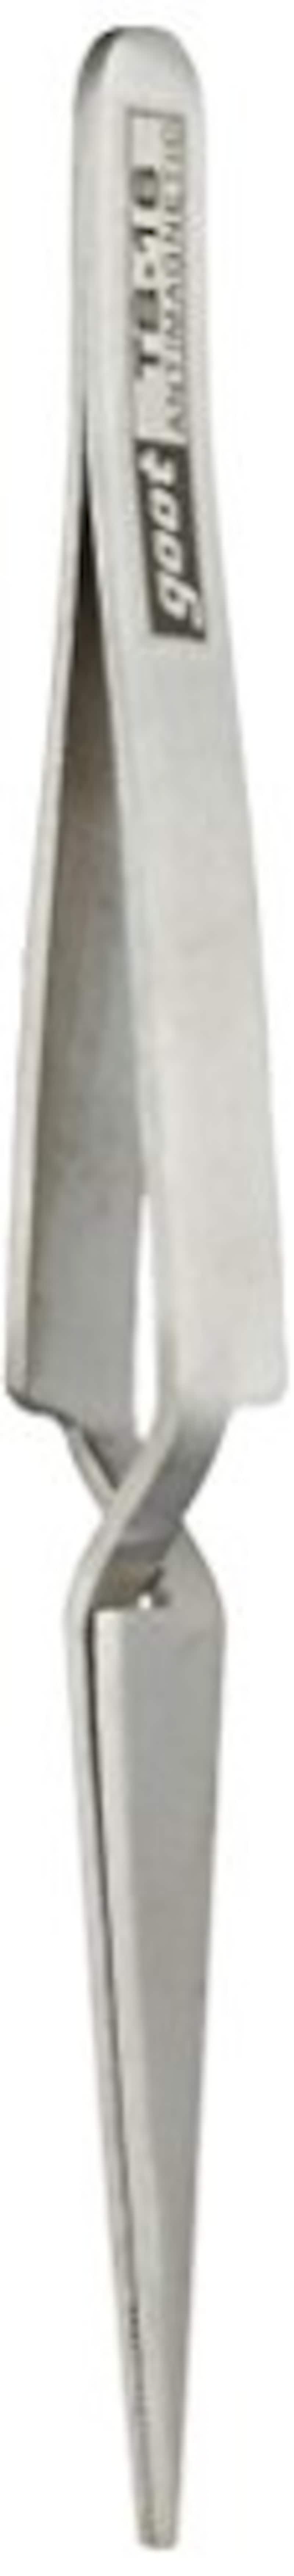 太洋電機産業(goot),逆作用ピンセット 小